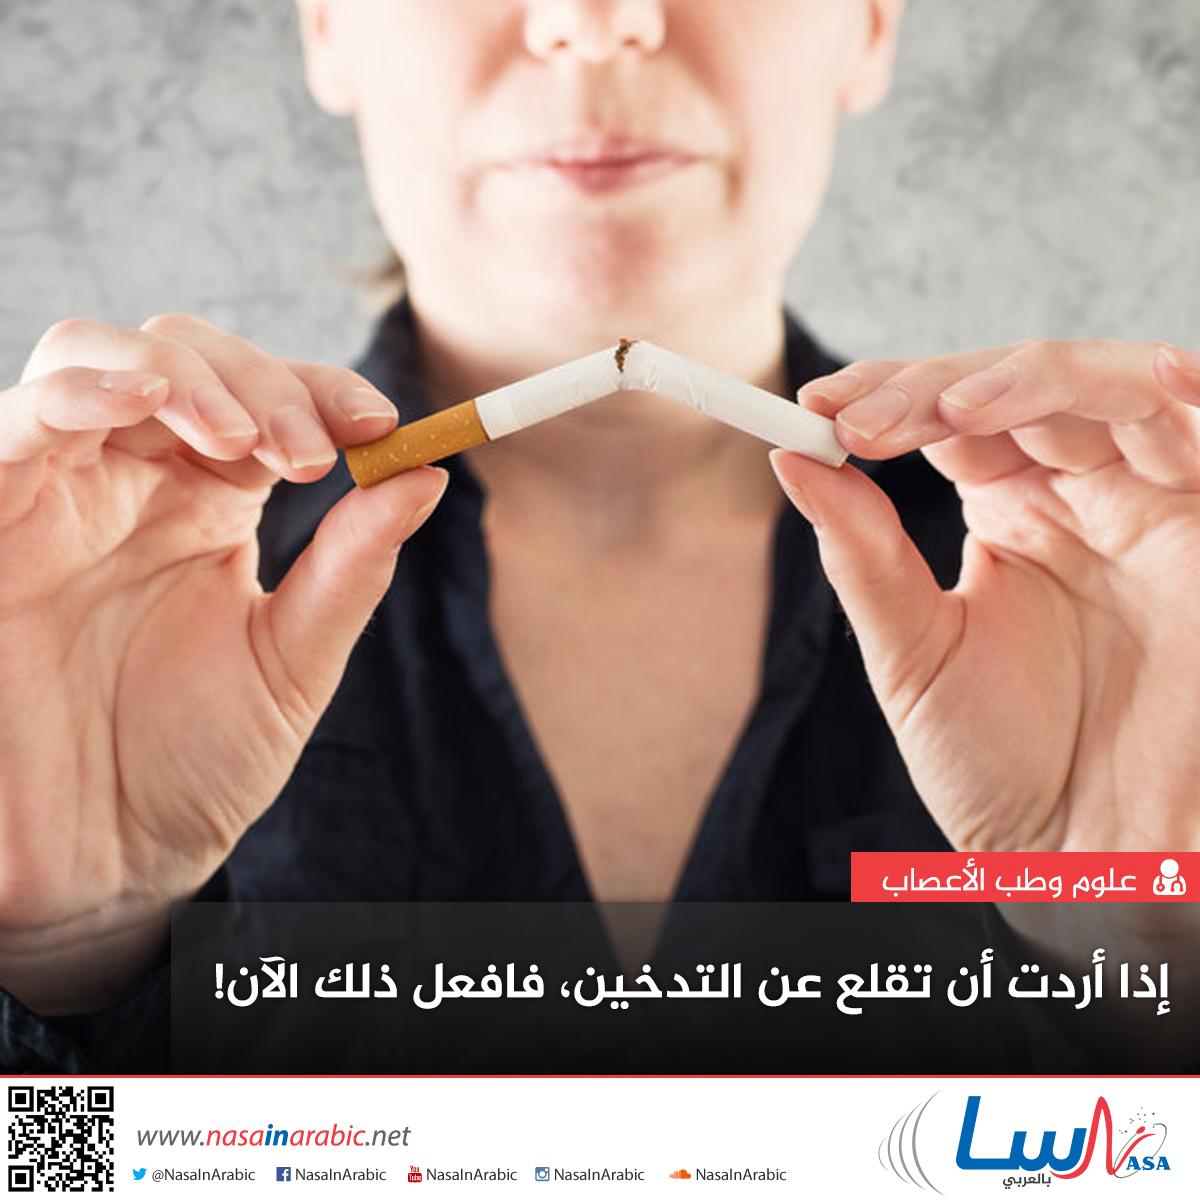 إذا أردت أن تقلع عن التدخين، فافعل ذلك الآن!